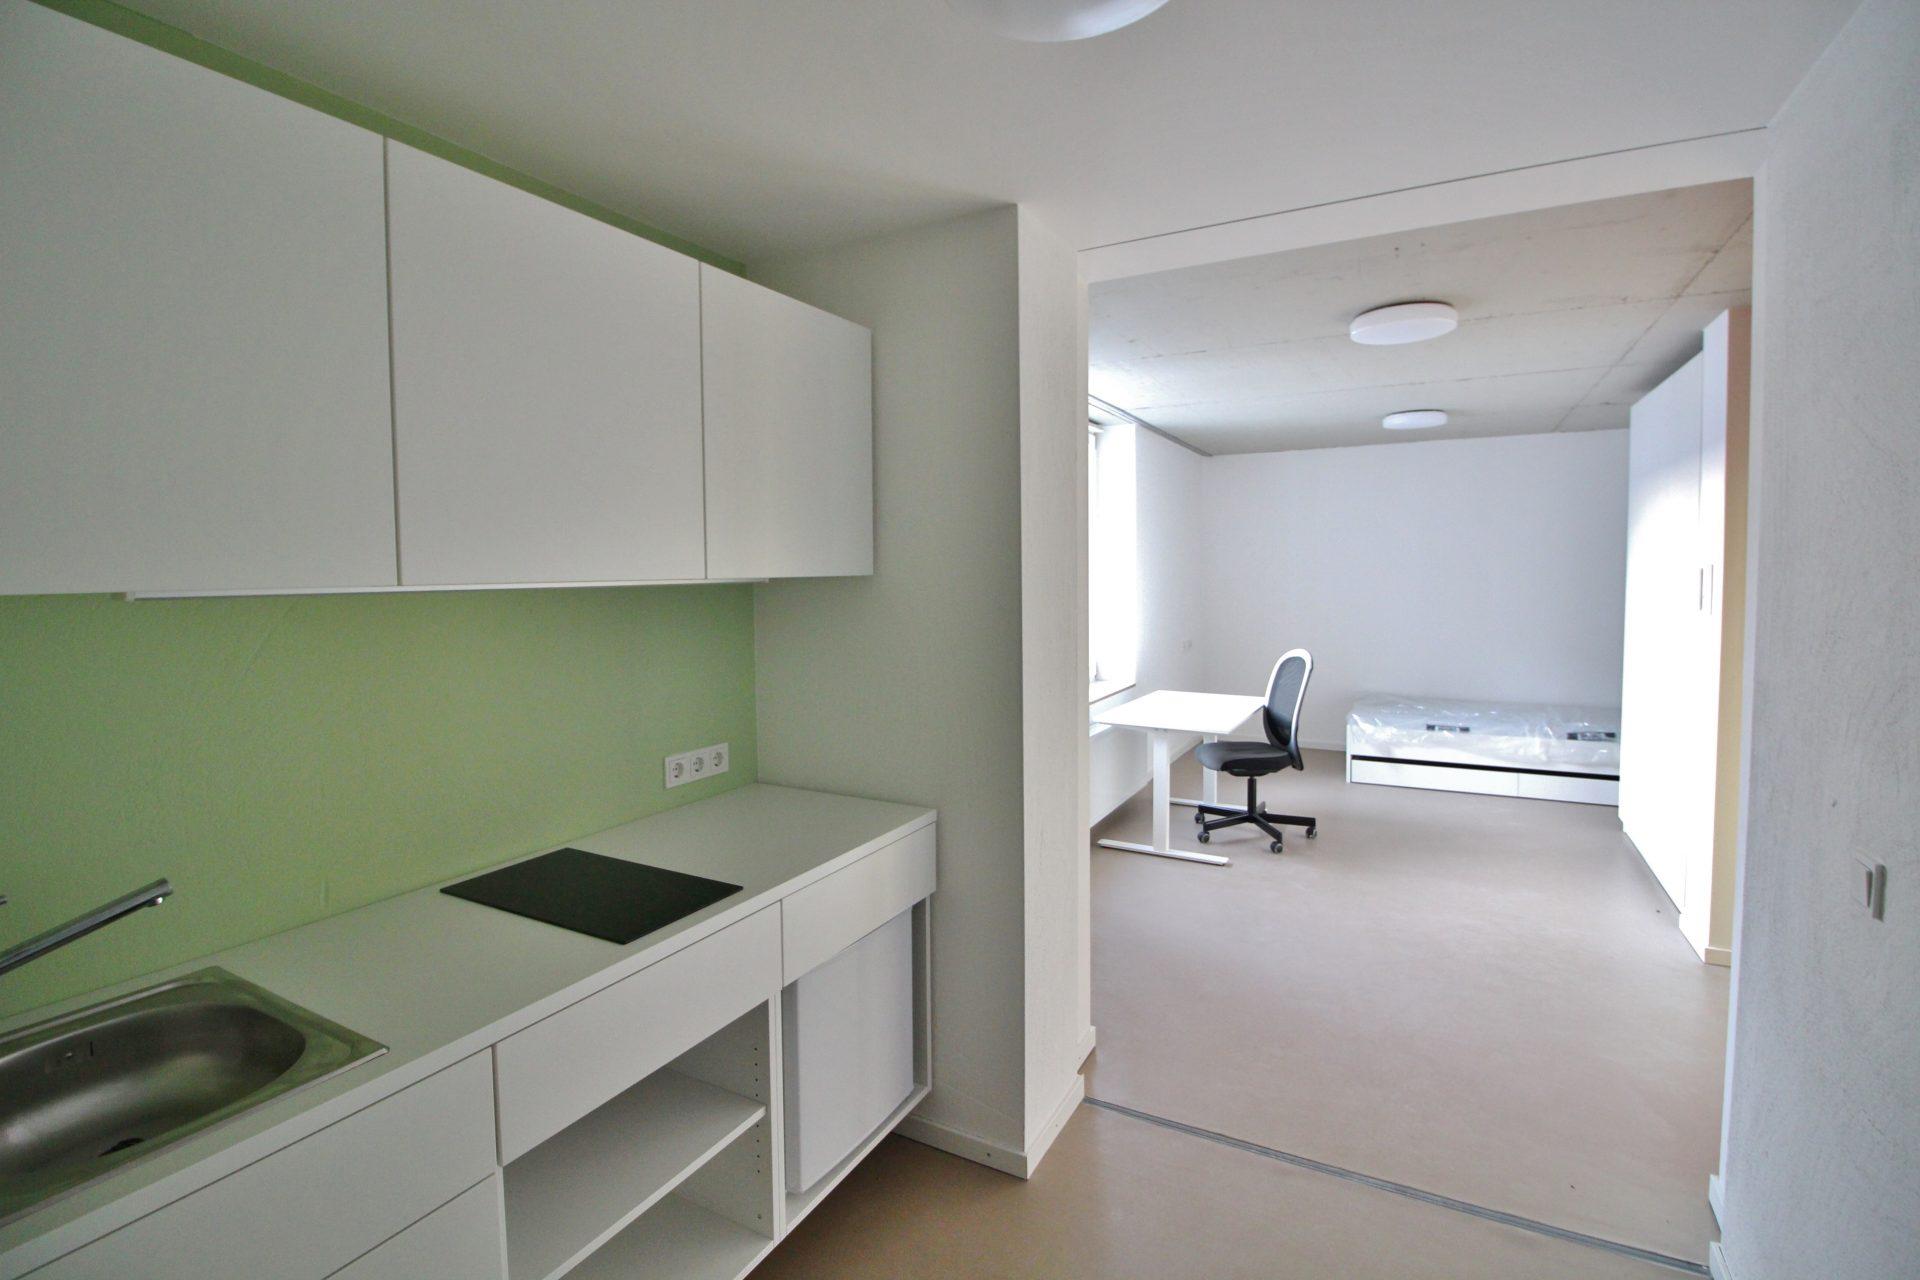 apartment_barrierefrei_uneingerichtet_1